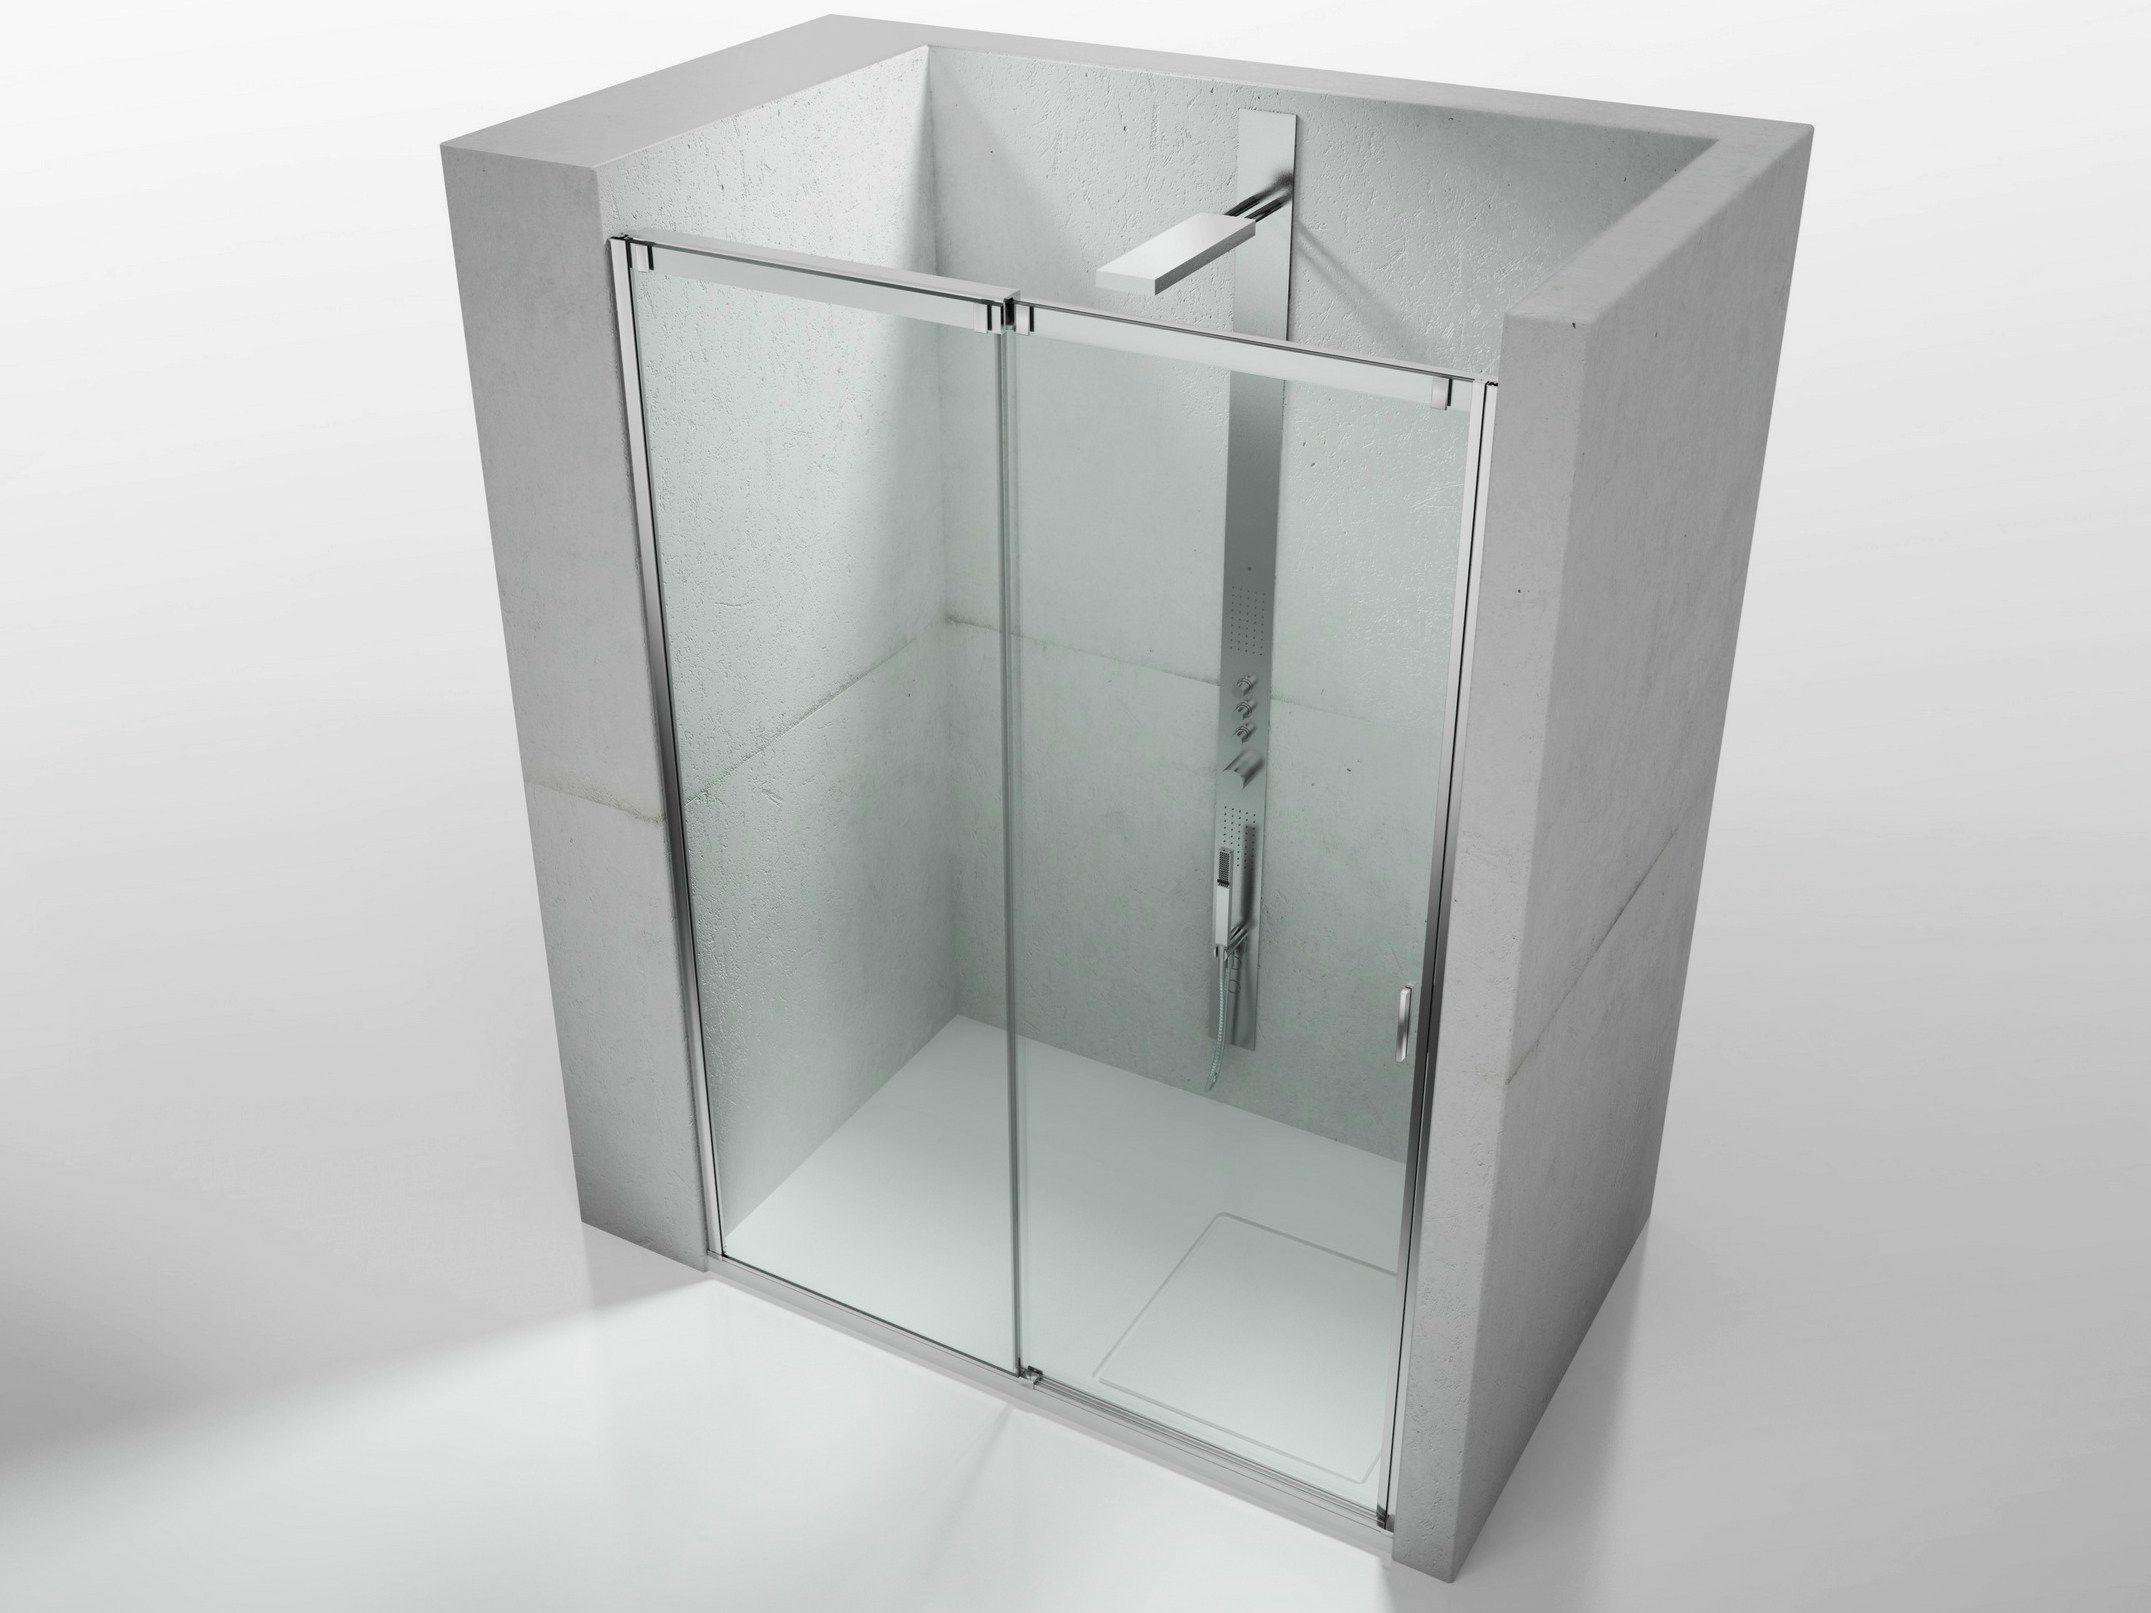 Cabinas De Baño En Vidrio Templado Medellin:Cabina de ducha en nicho de vidrio templado con puertas correderas